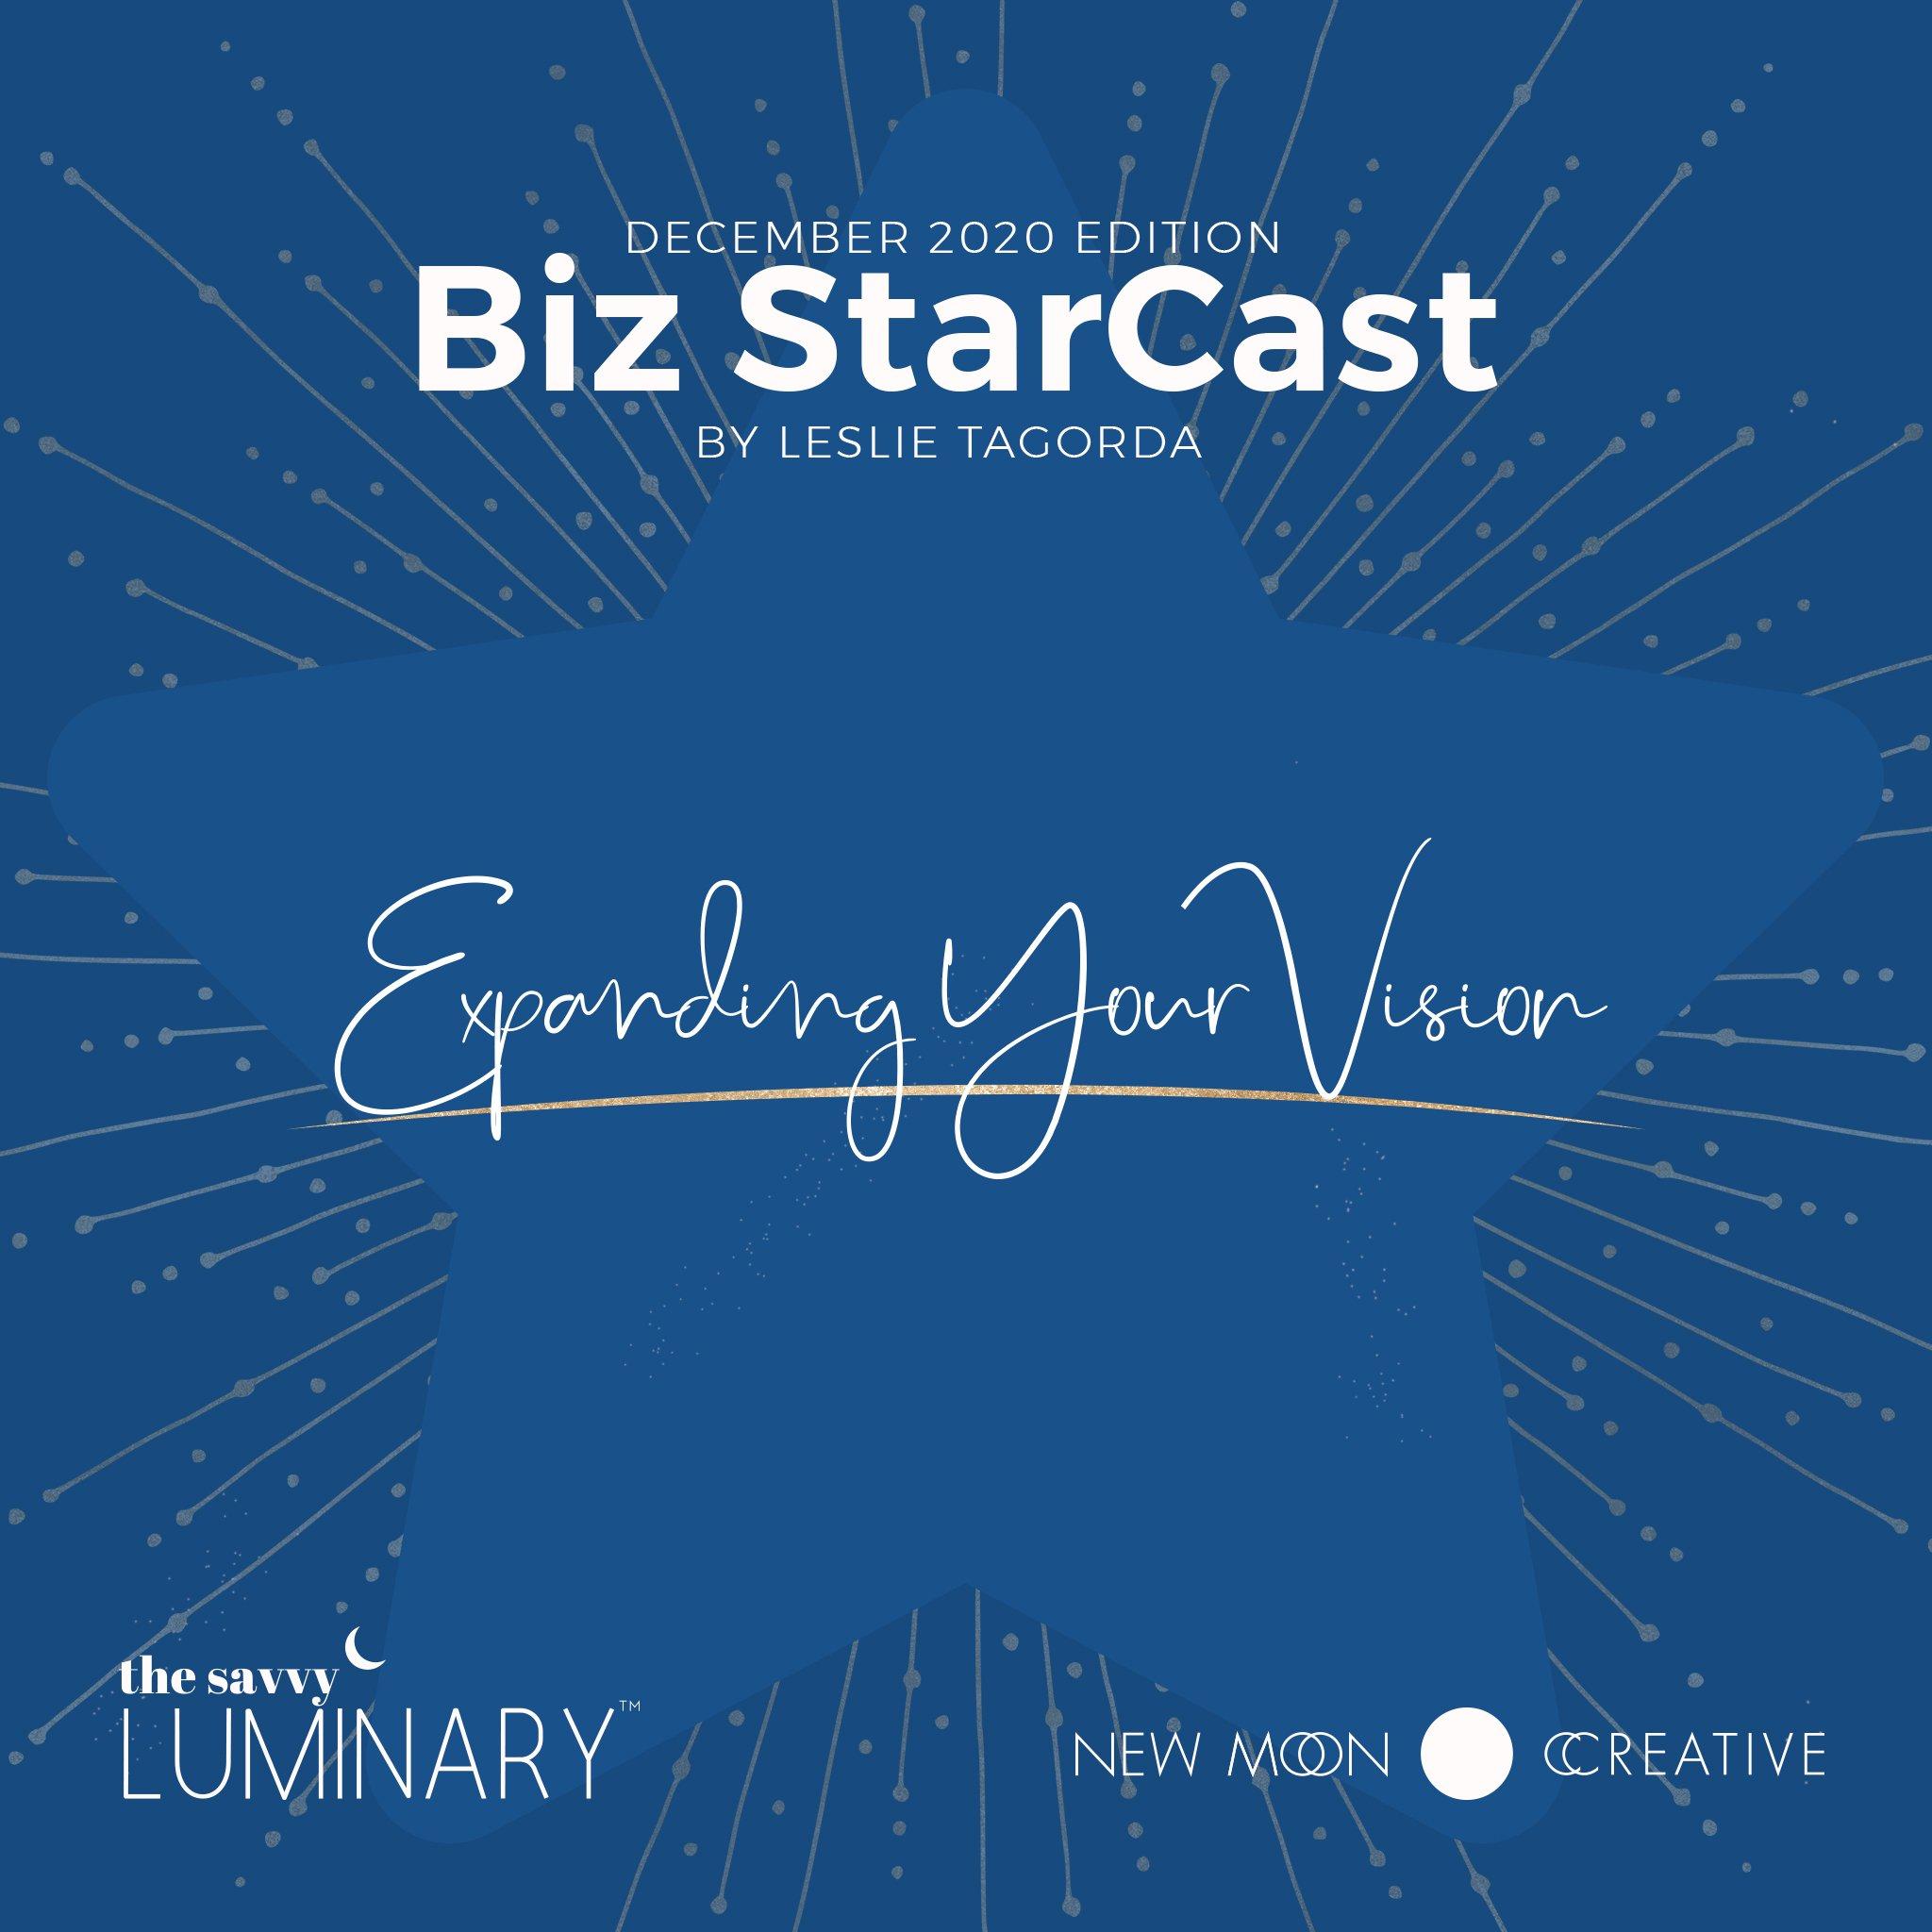 Business Astrology November 2020 Forecast – Biz StarCast by Leslie Tagorda